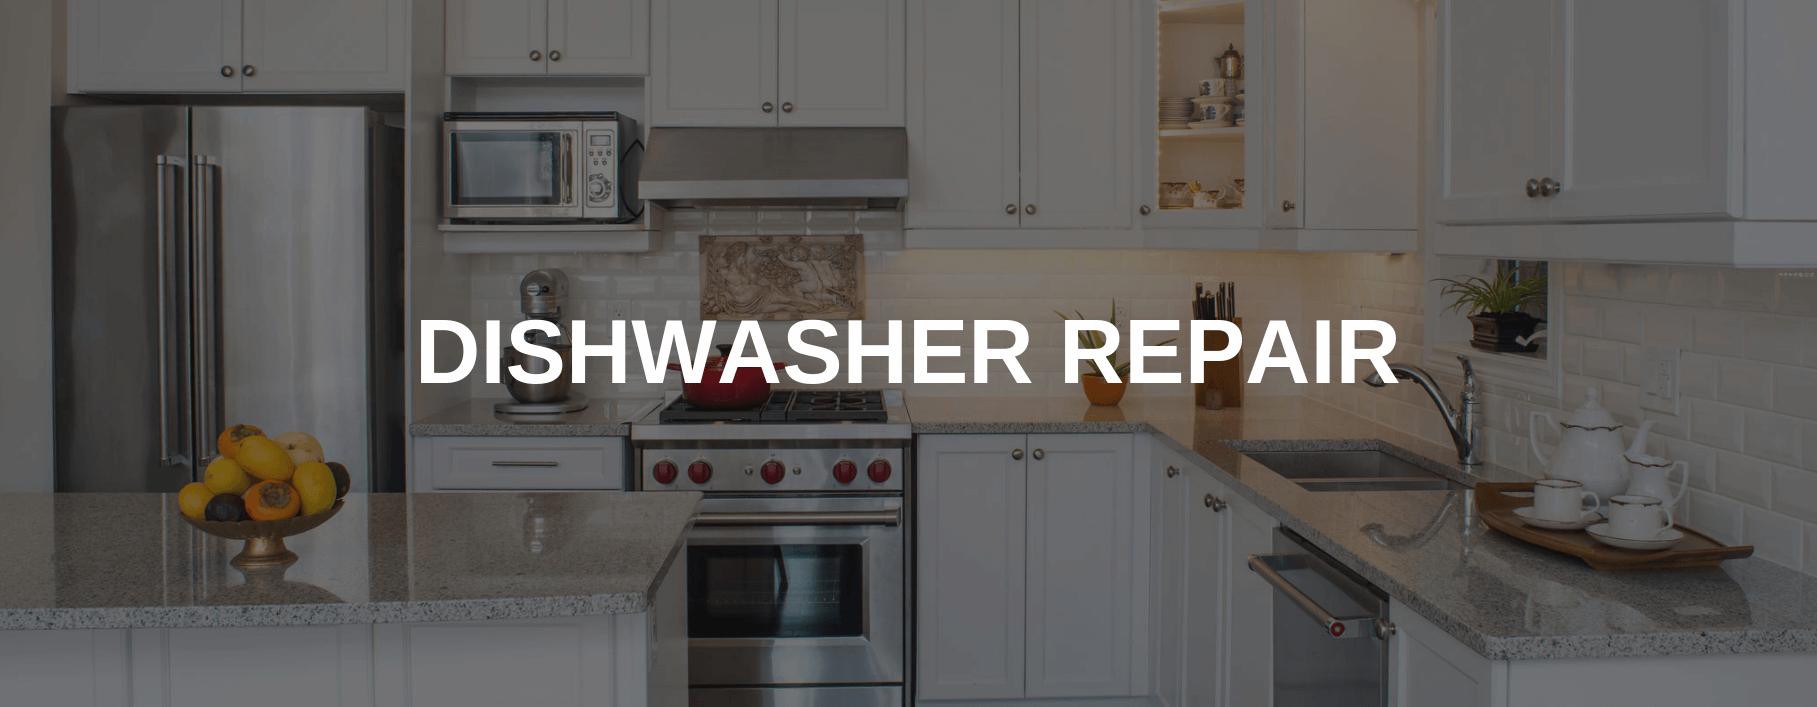 dishwasher repair fontana